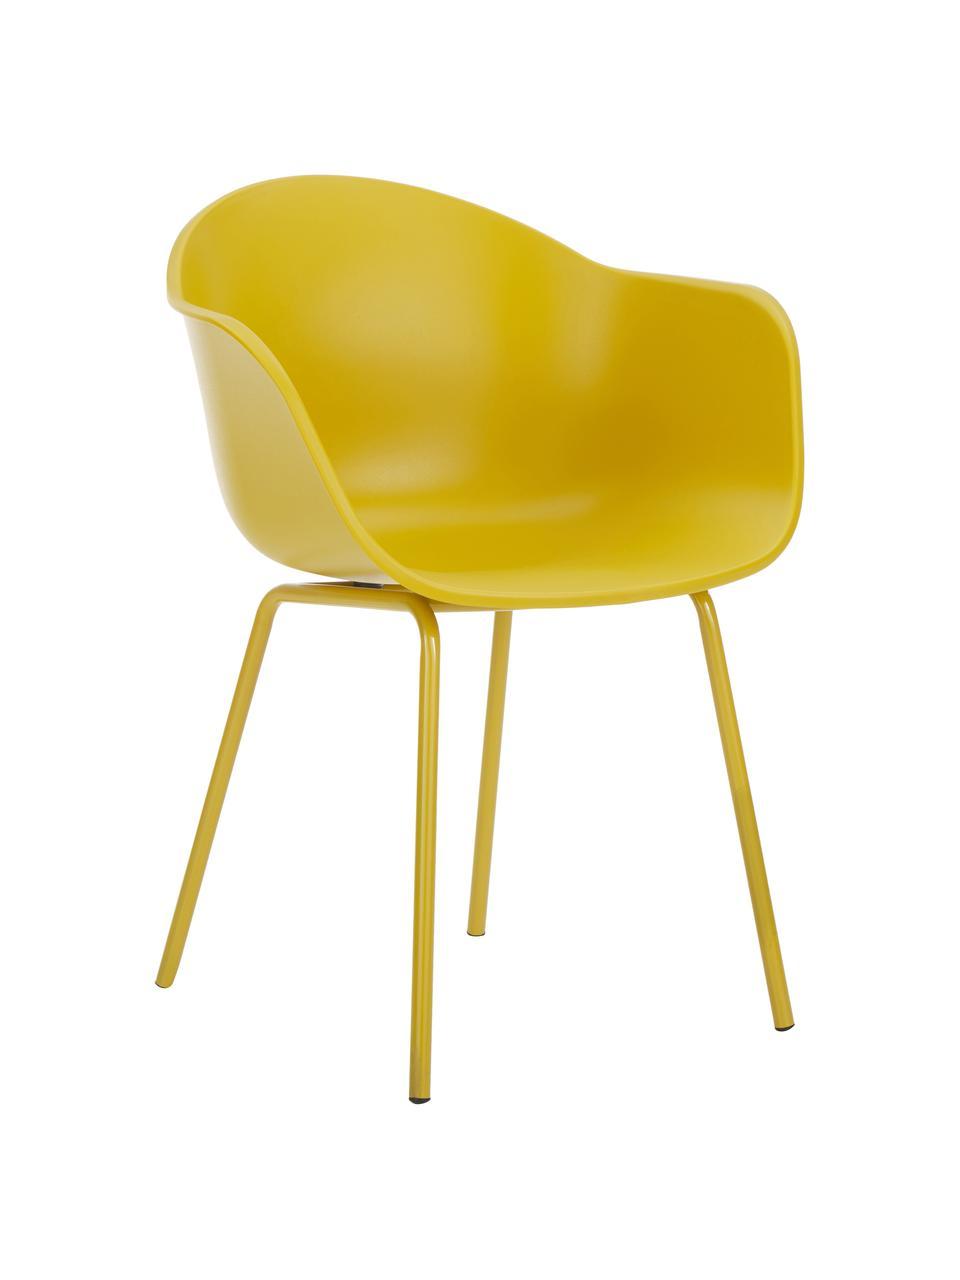 Kunststoff-Armlehnstuhl Claire mit Metallbeinen, Sitzschale: Kunststoff, Beine: Metall, pulverbeschichtet, Gelb, B 60 x T 54 cm